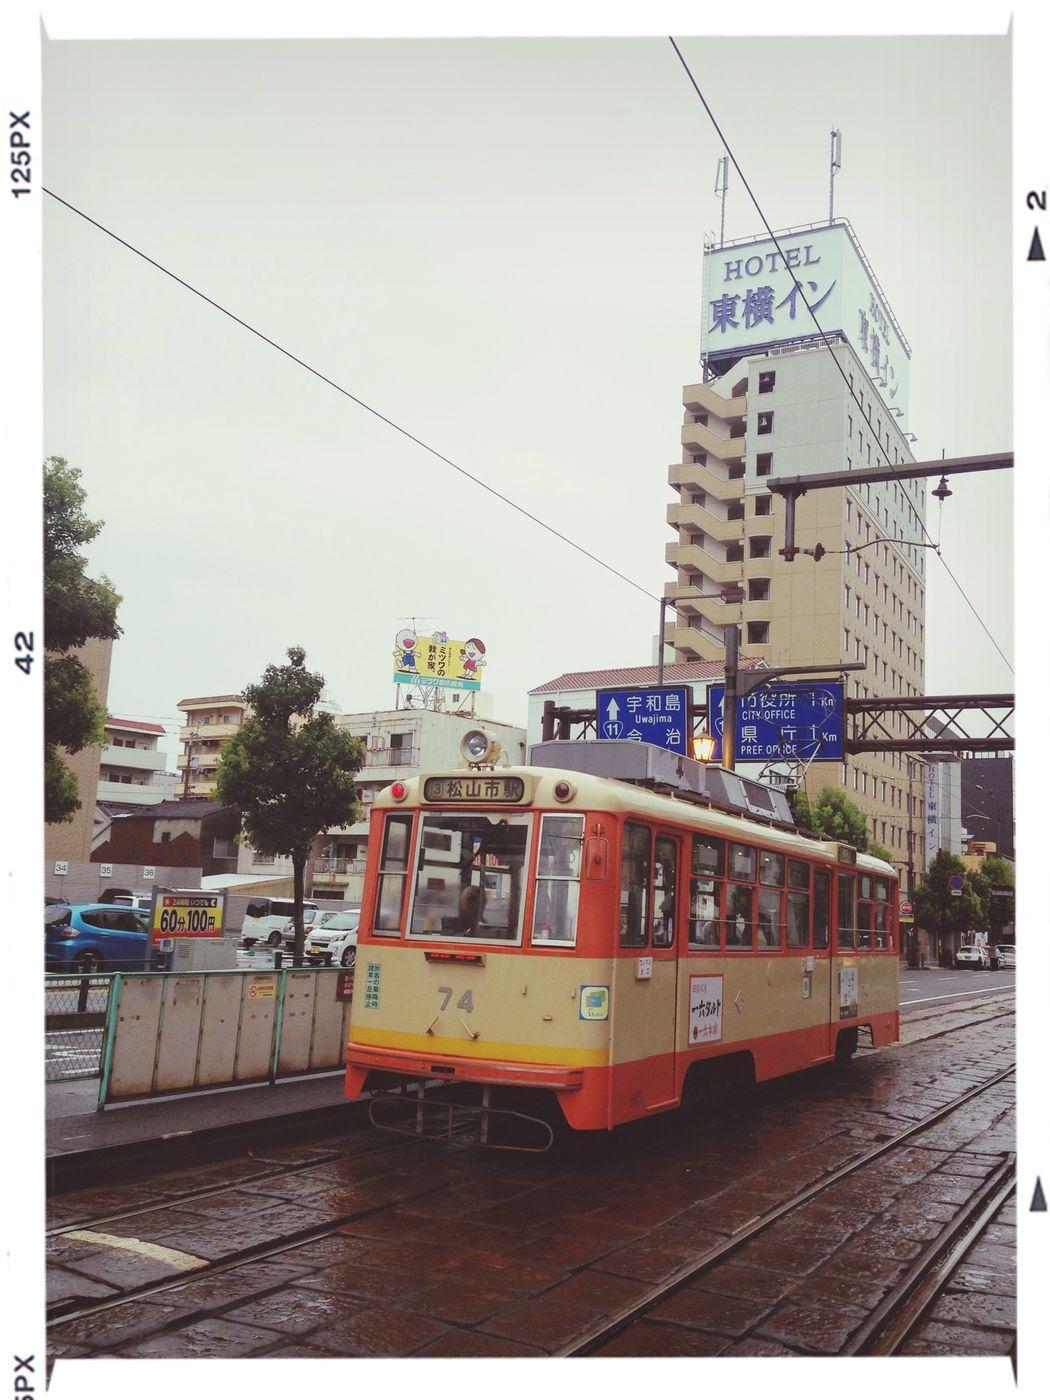 松山市内。雨は上がりました。 Train At The Station After The Rain